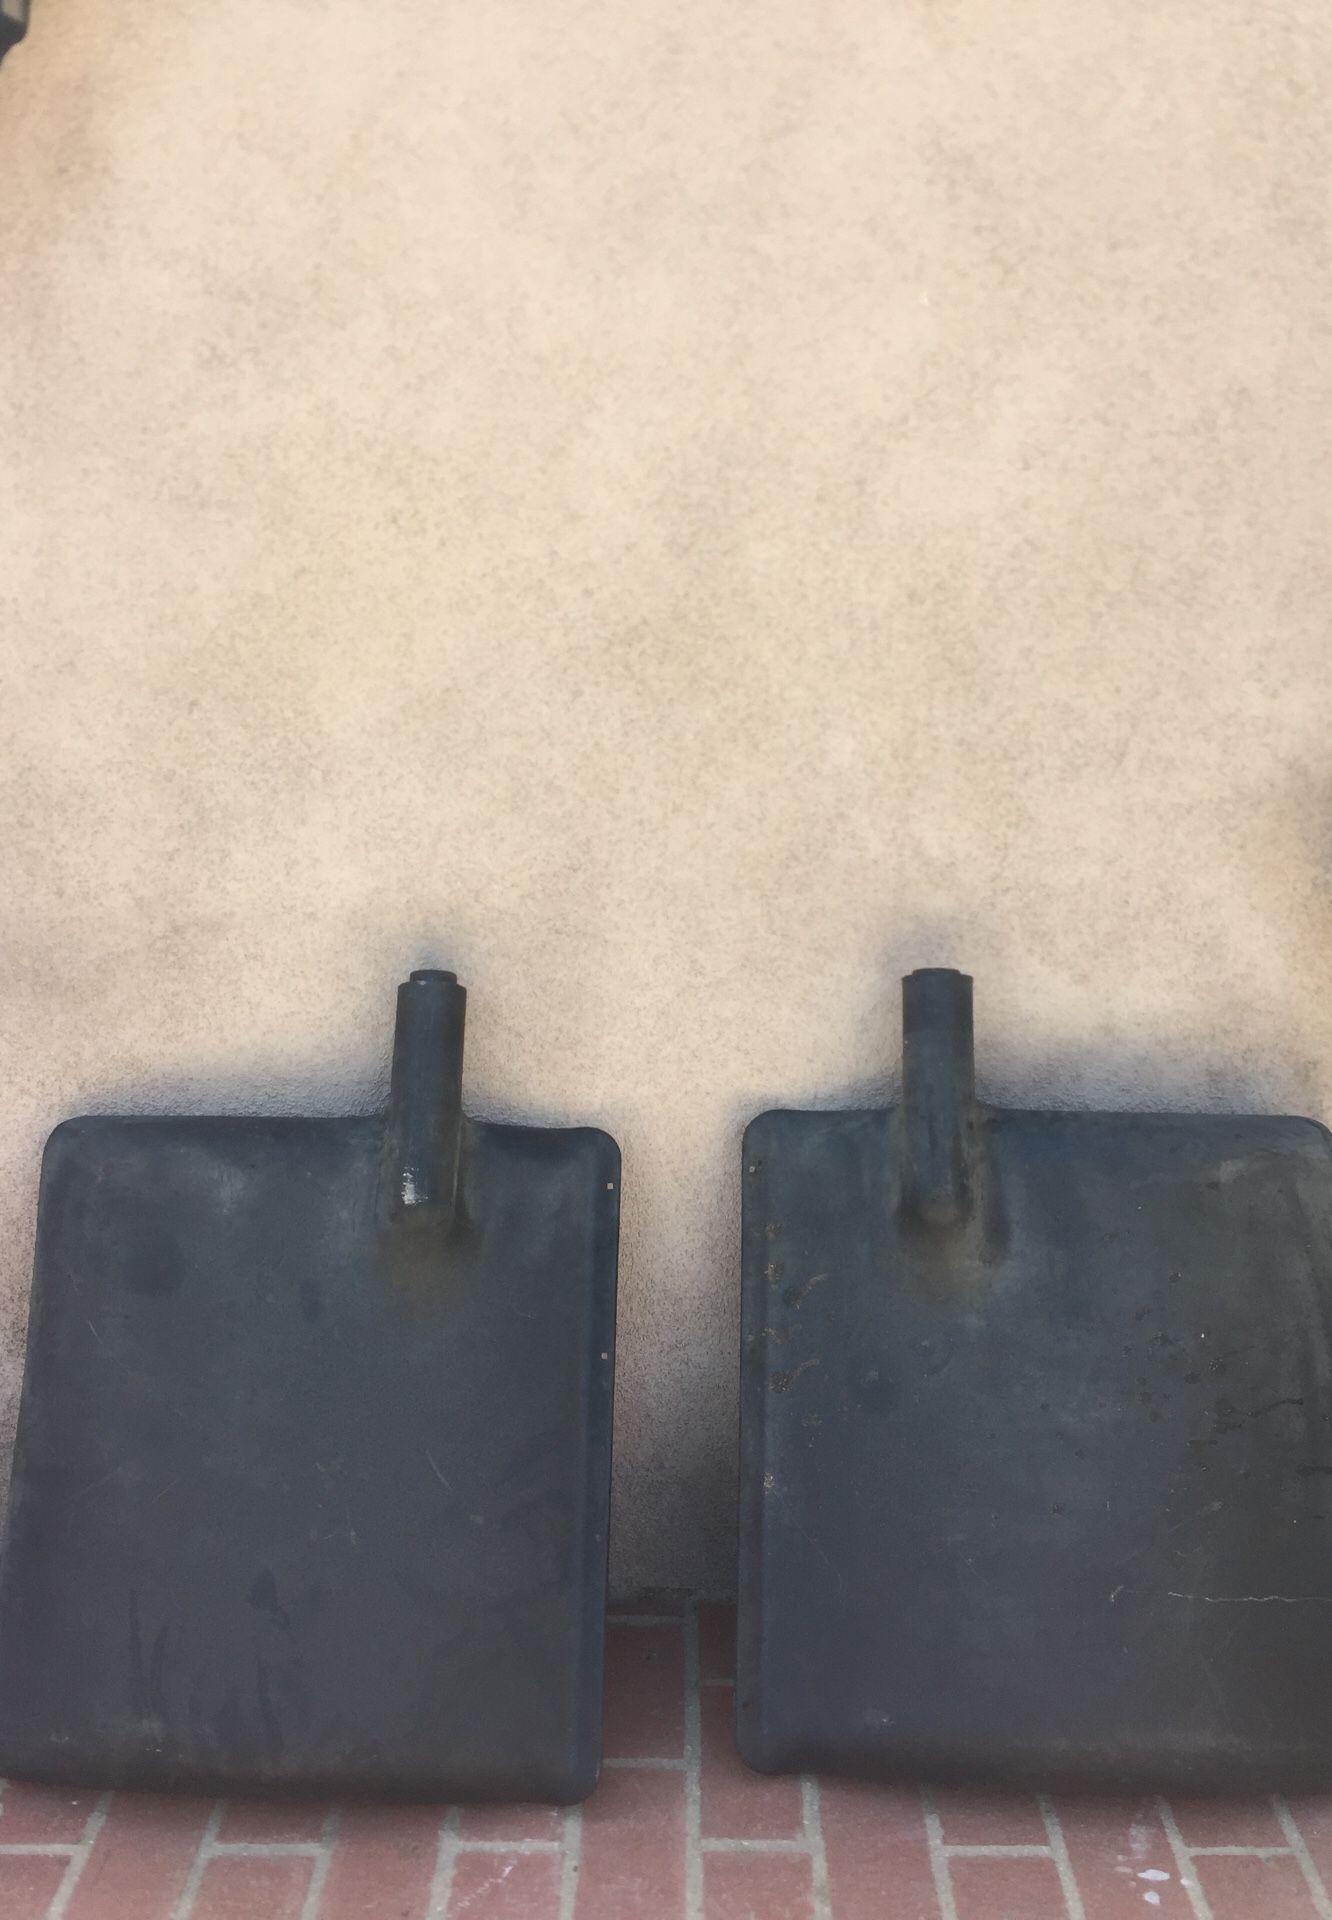 Quarter Fenders for Freightliner